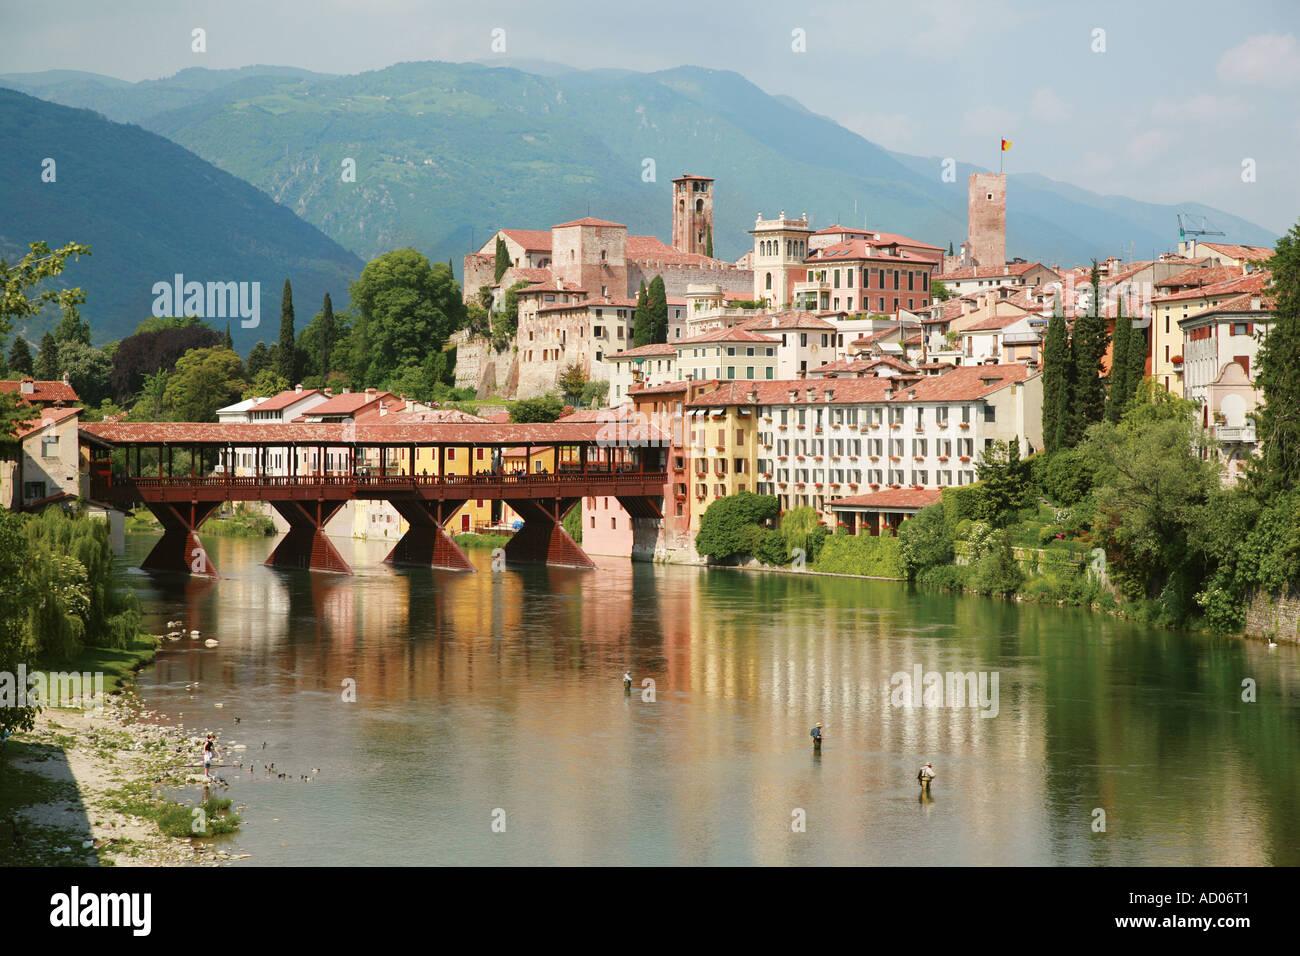 The old bridge over the river in bassano del grappa in for Arredamento bassano del grappa